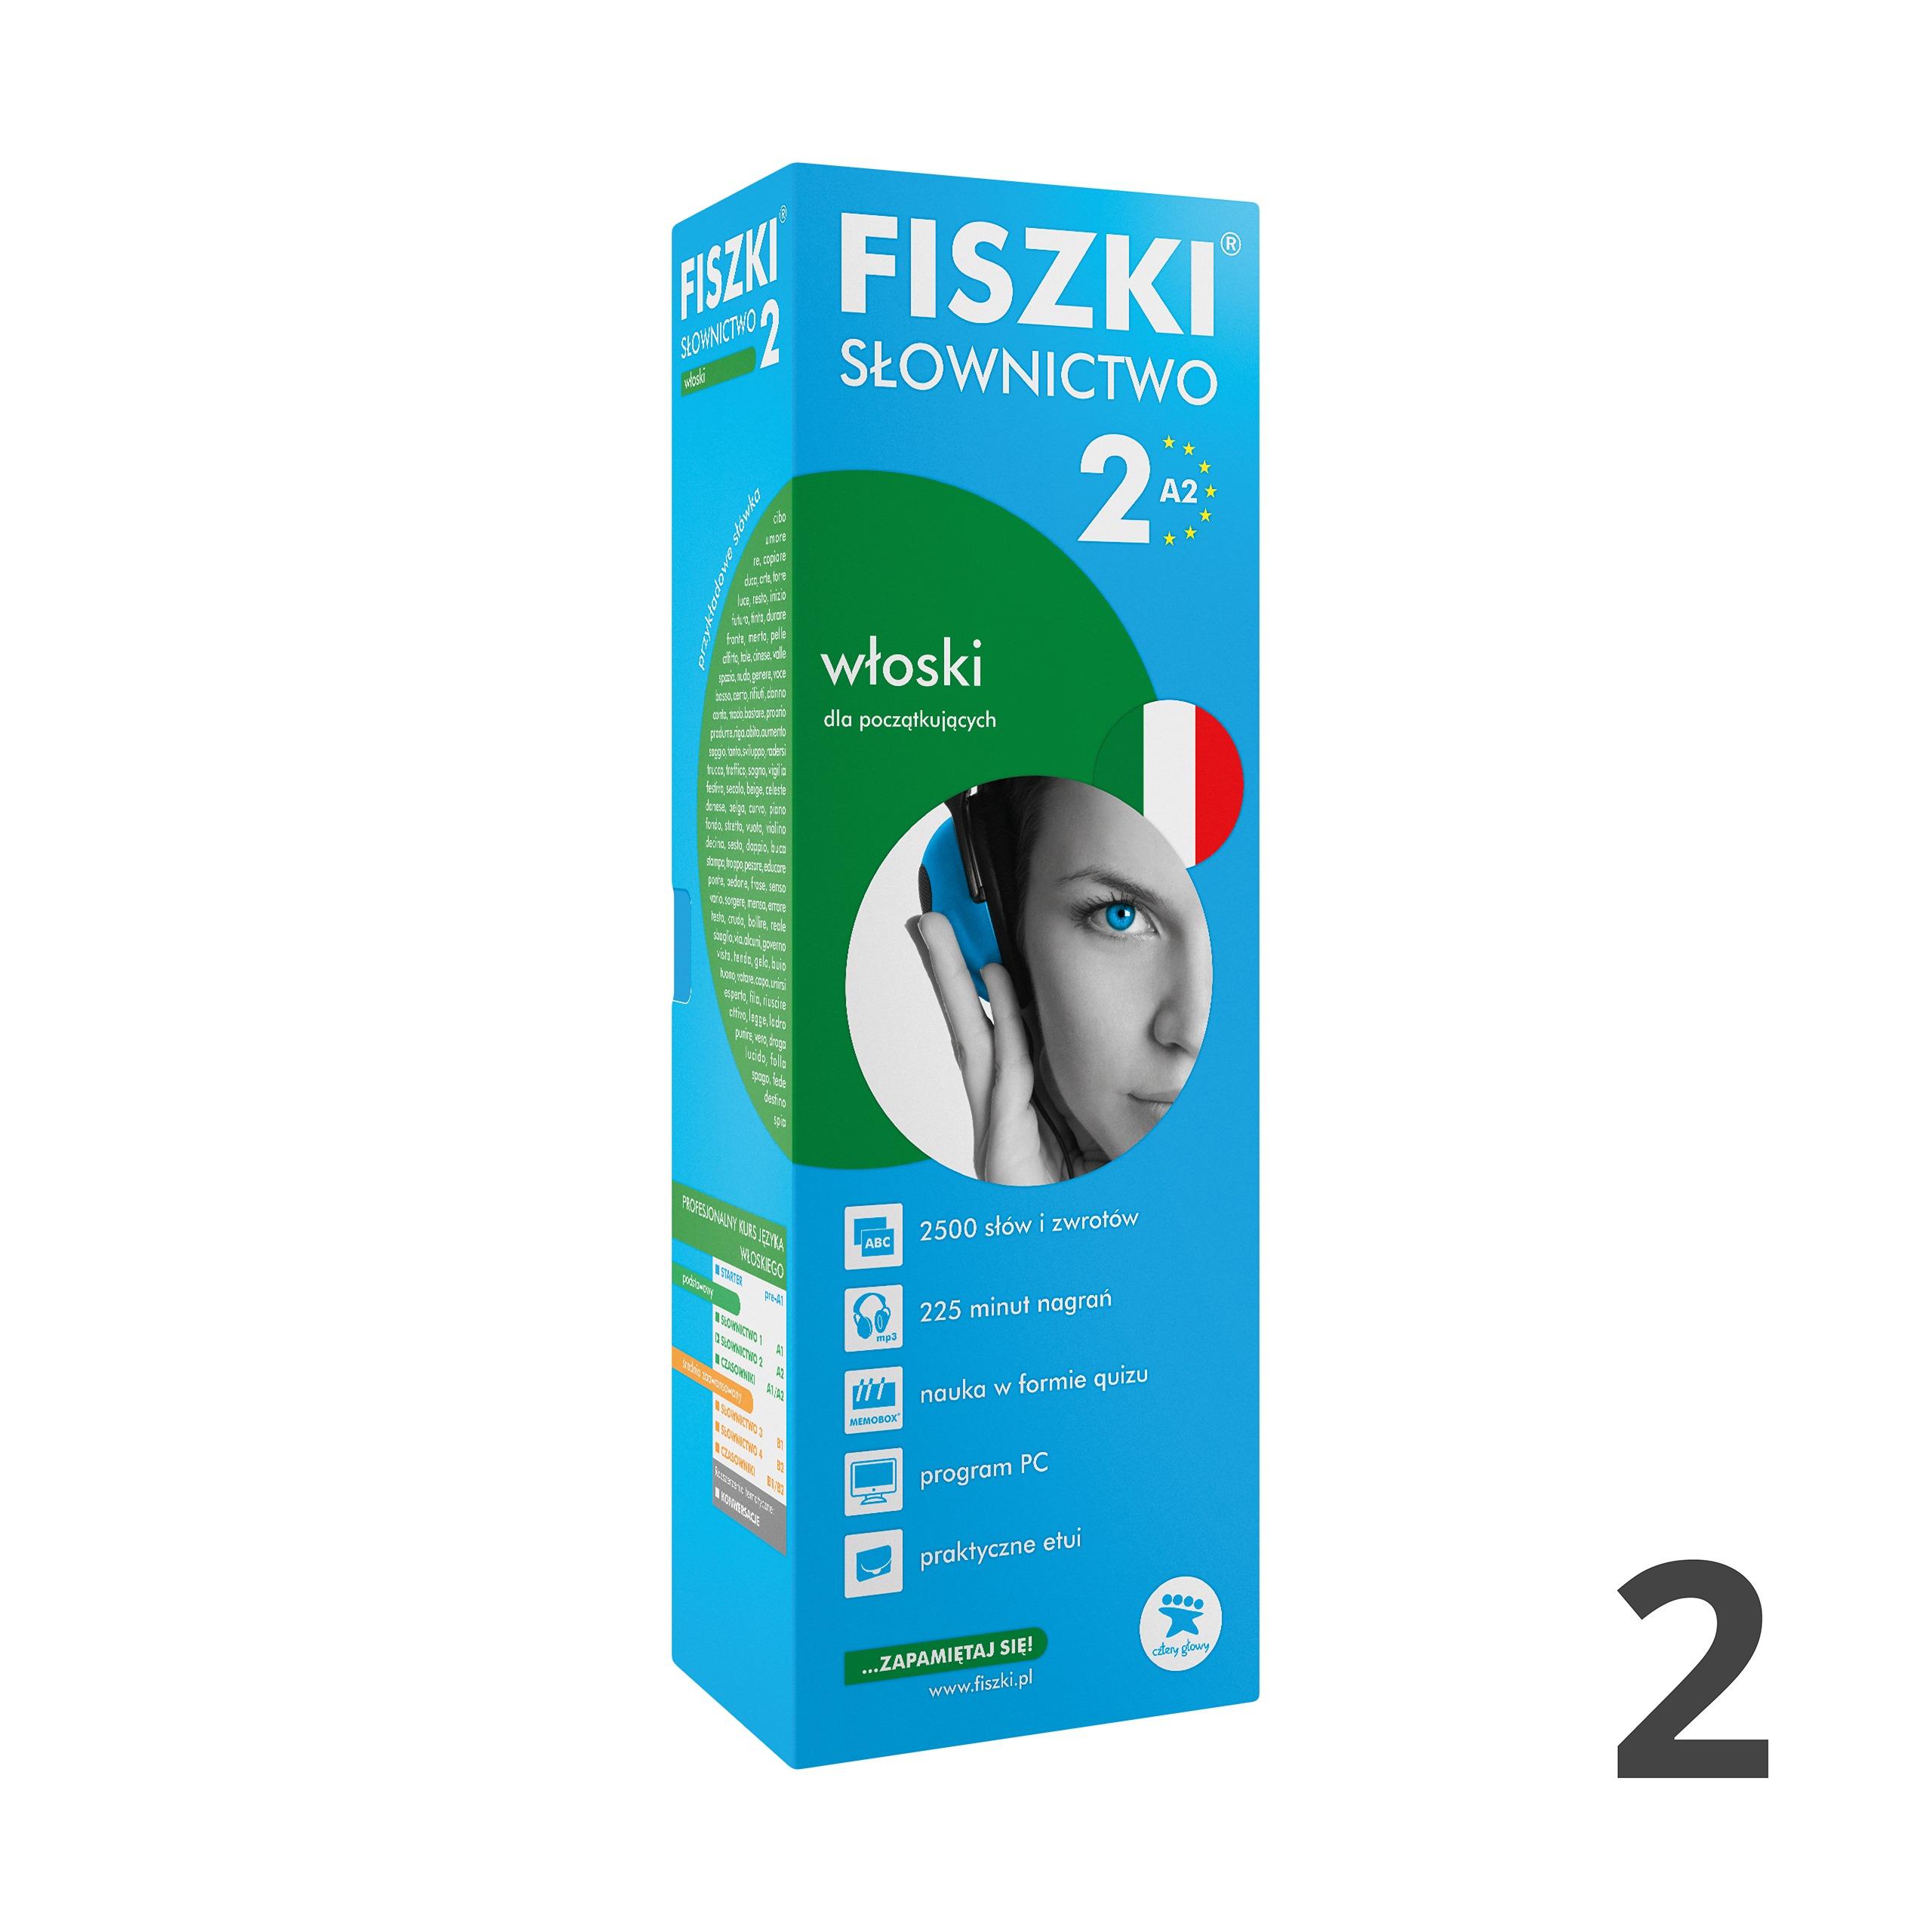 FISZKI - włoski - Słownictwo 2 (A2)